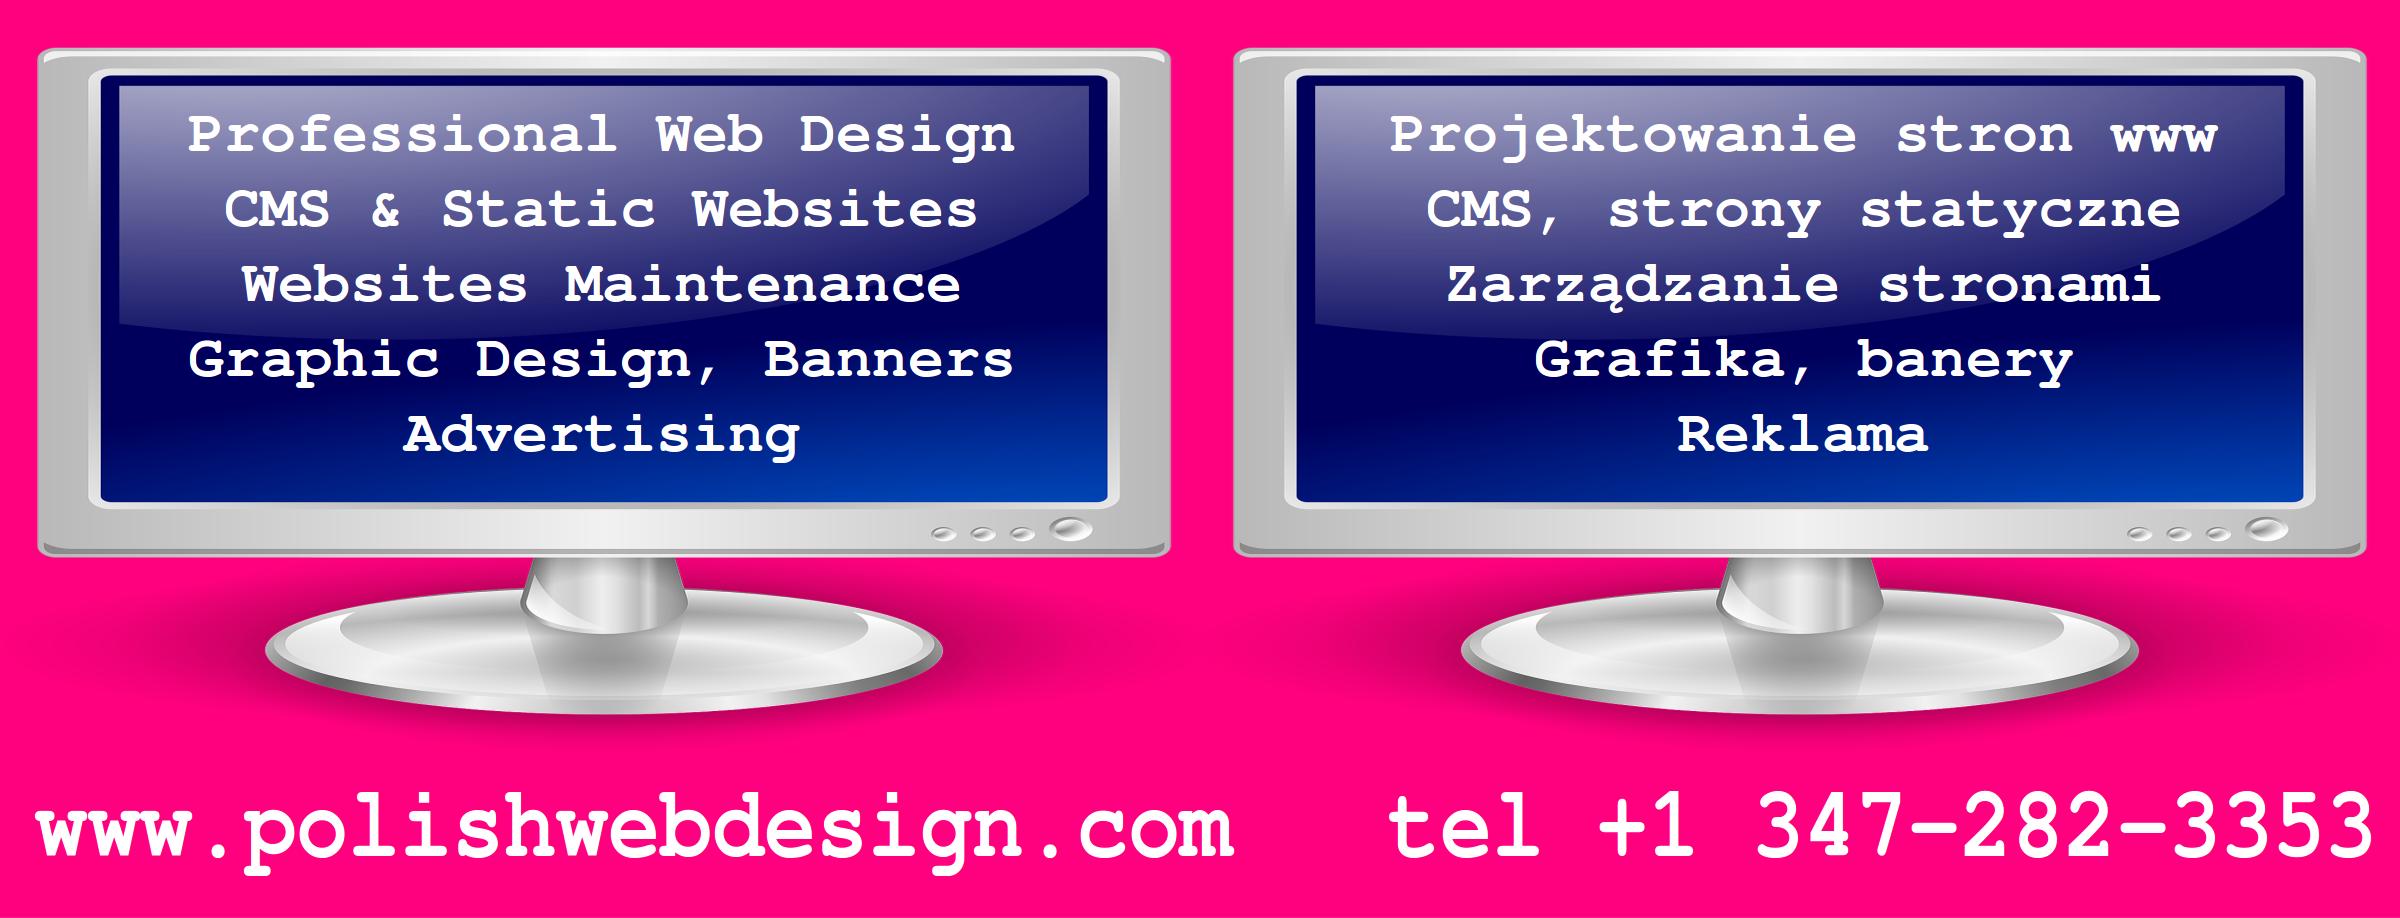 Ogłoszenie darmowe. Lokalizacja:  USA. SERVICES - Internet. DO YOU NEED A WEBSITE?.